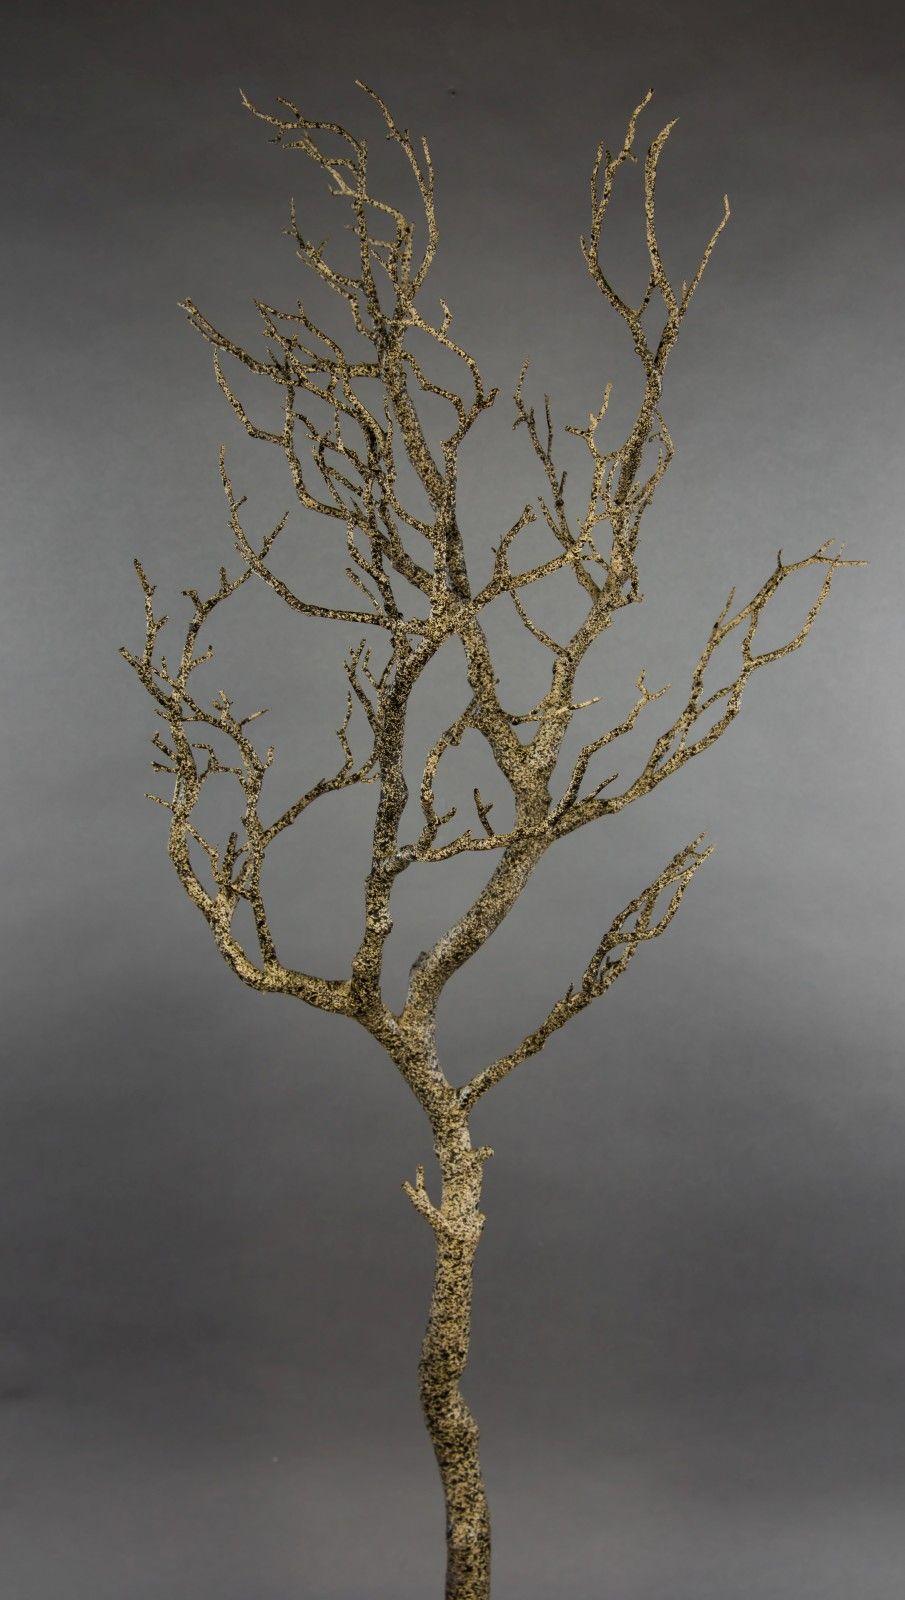 Kunstlicher Dekoast Dekozweig Holzimitat Dieser Sehr Hochwertige Kunstliche Dekoast Holzimitat Hat Eine Lange Von Ca 95 Dekozweige Zweige Seidenblumen